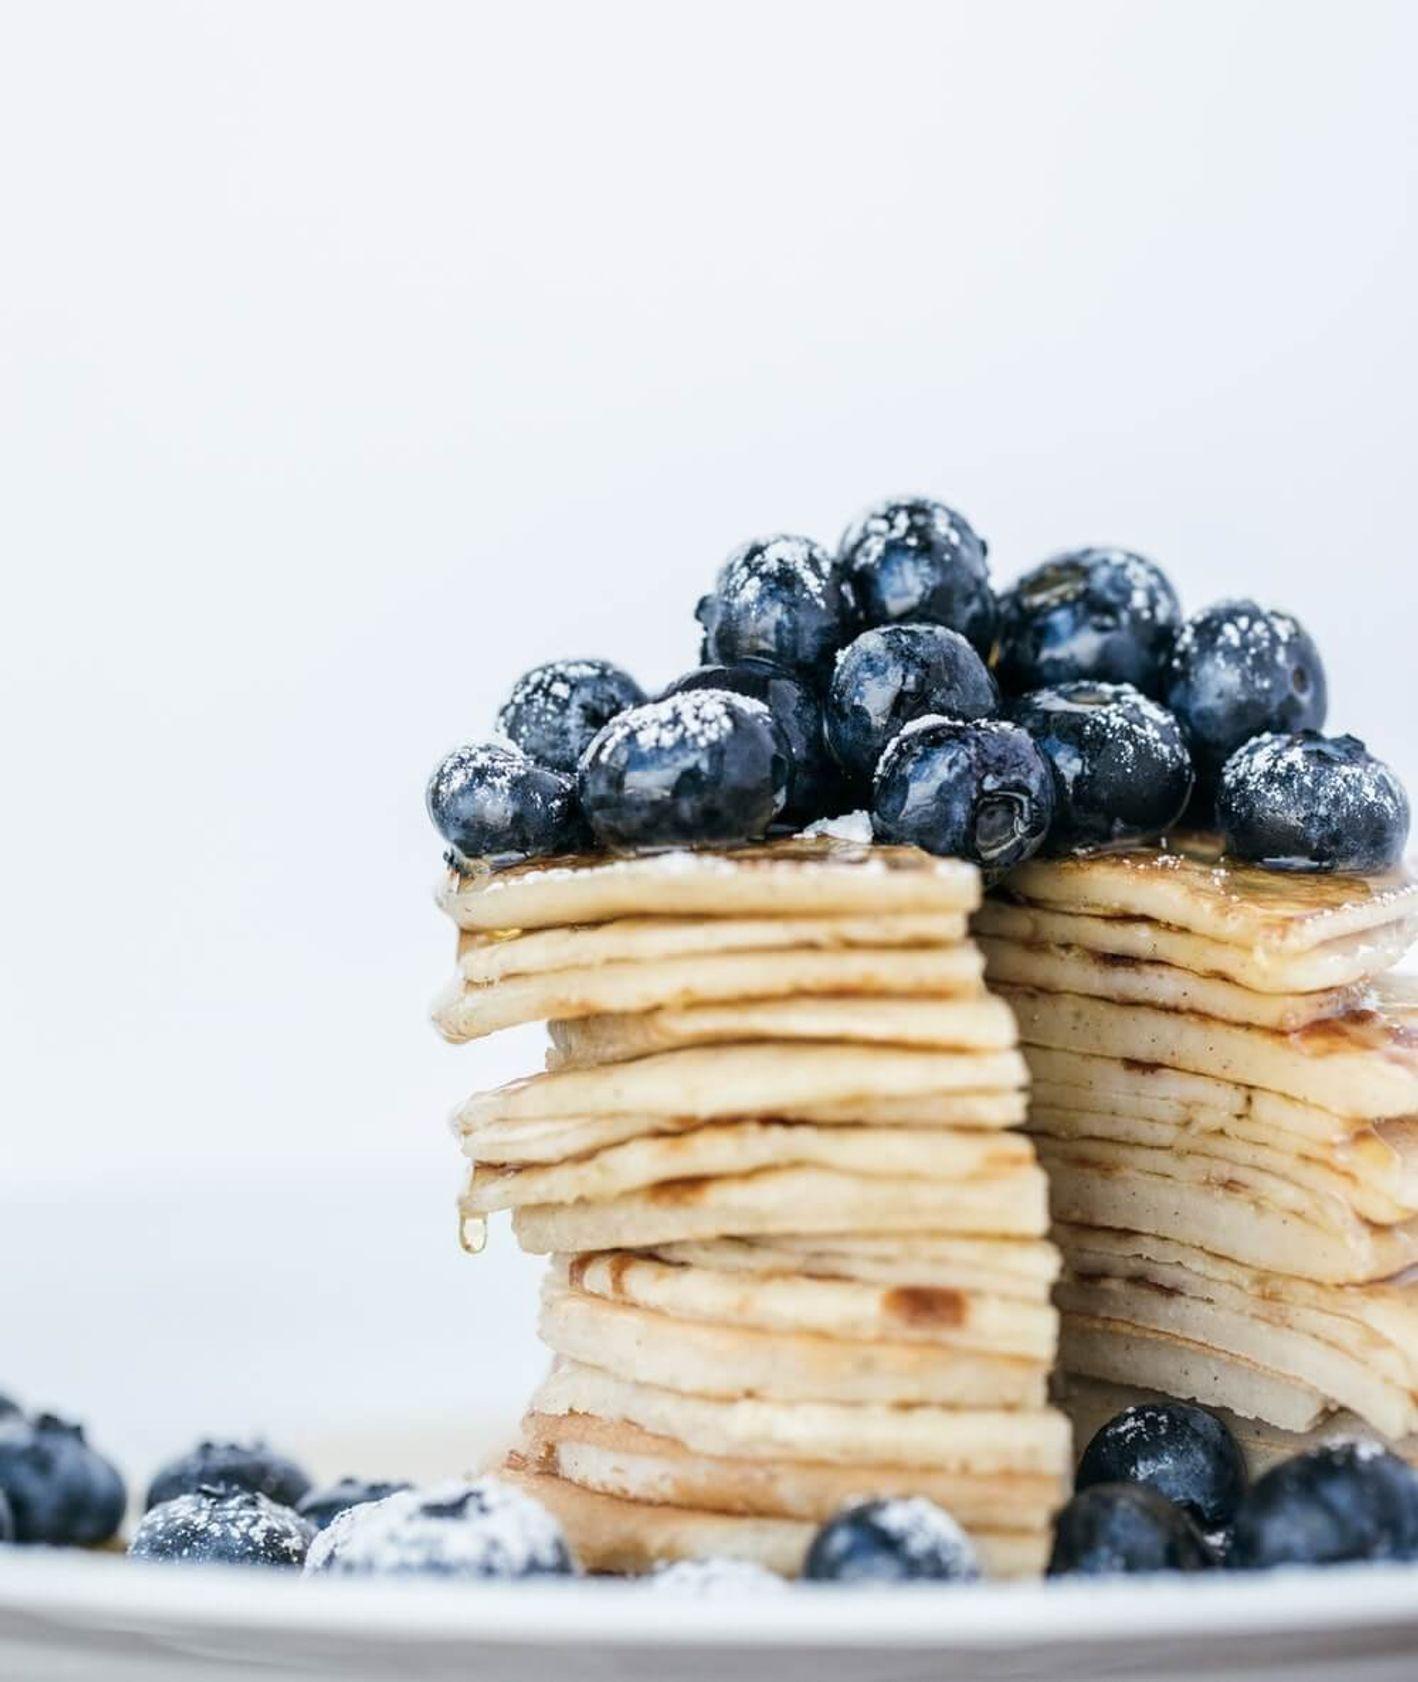 naleśniki z borówkami - pancakes przepis (fot. Heather Barnes)